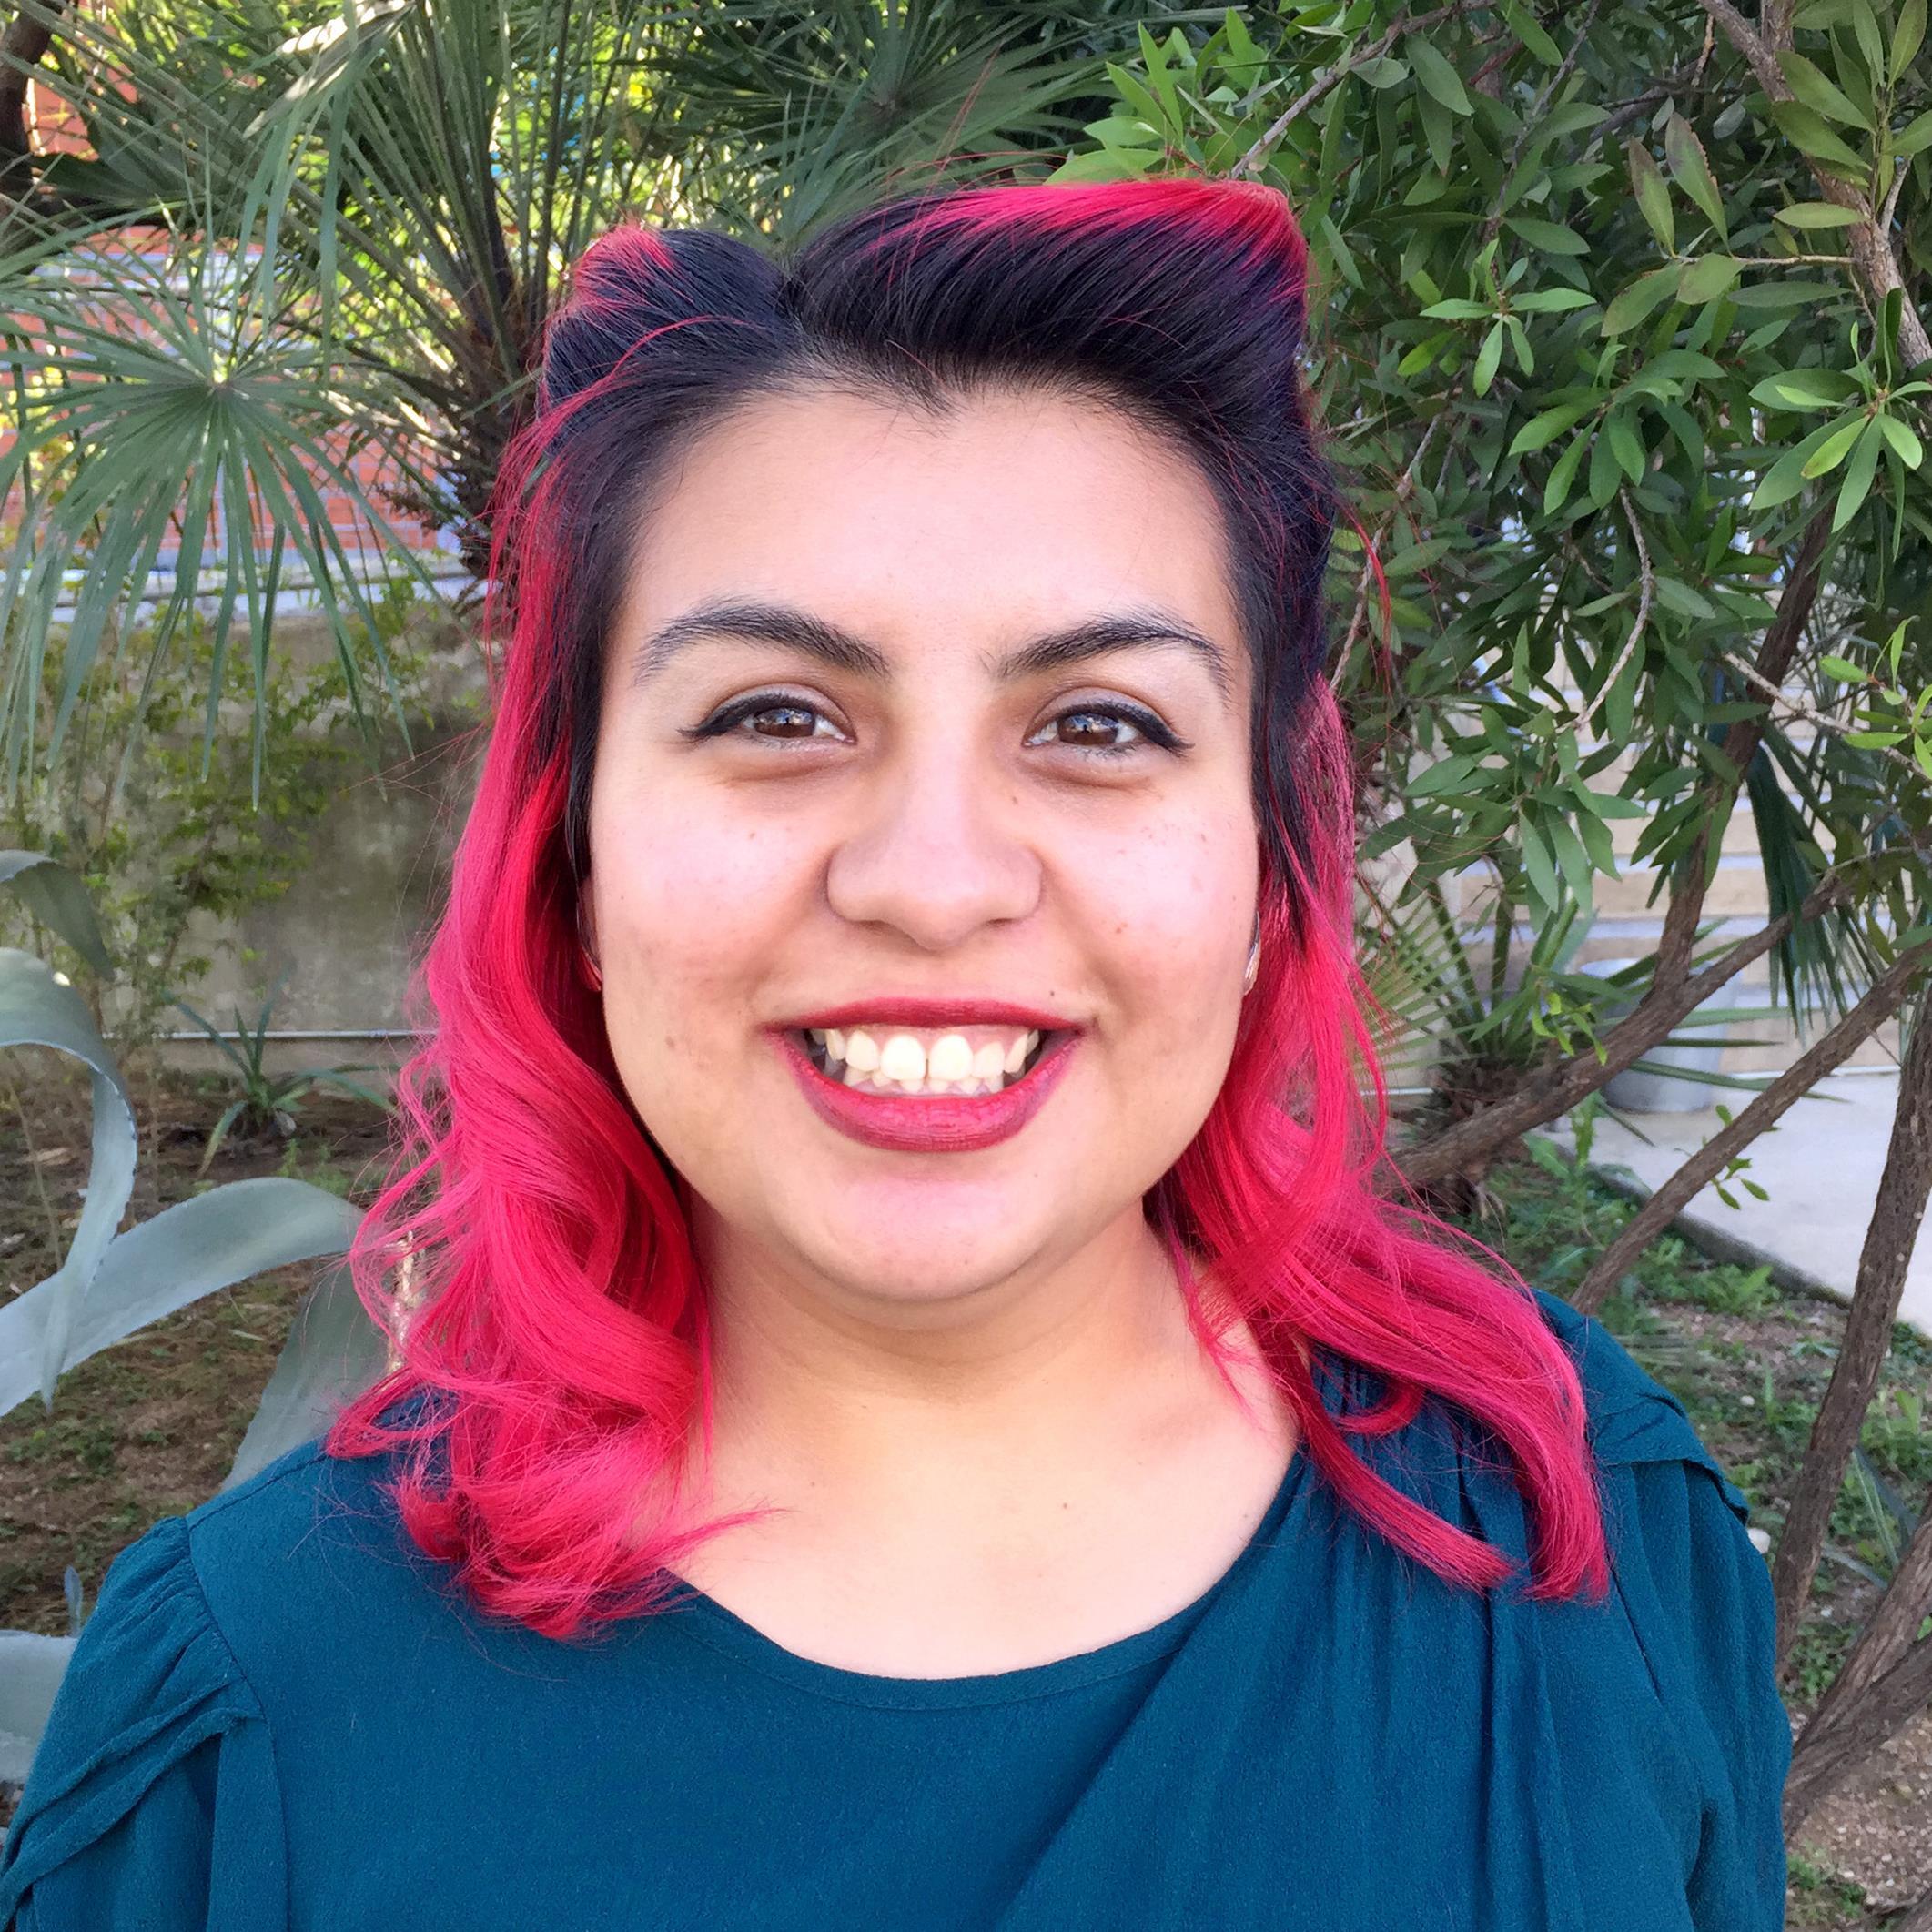 Nicole Amri Headshot CAELI 2017.jpg